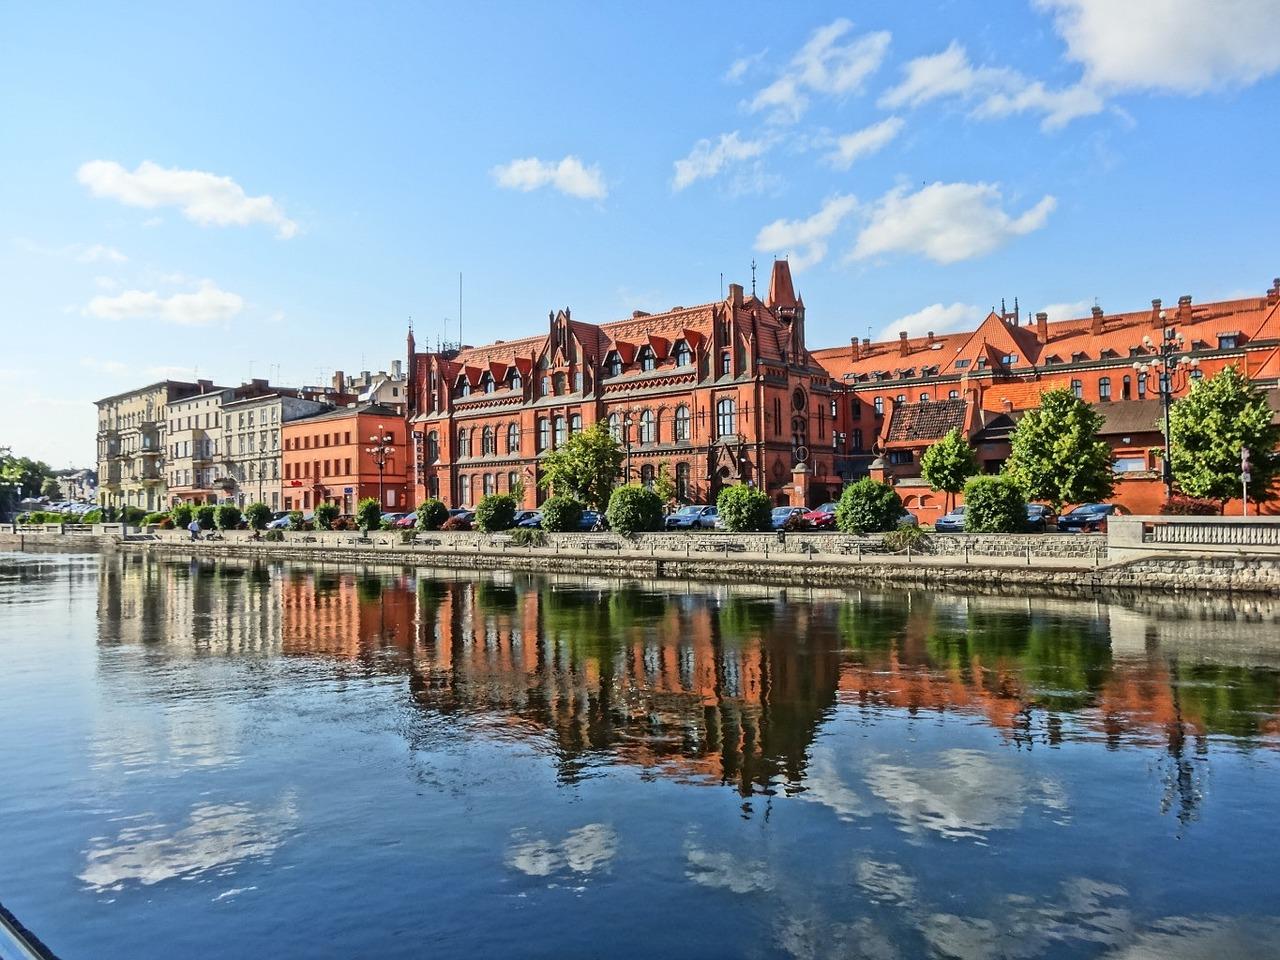 Z czego słynie Bydgoszcz?